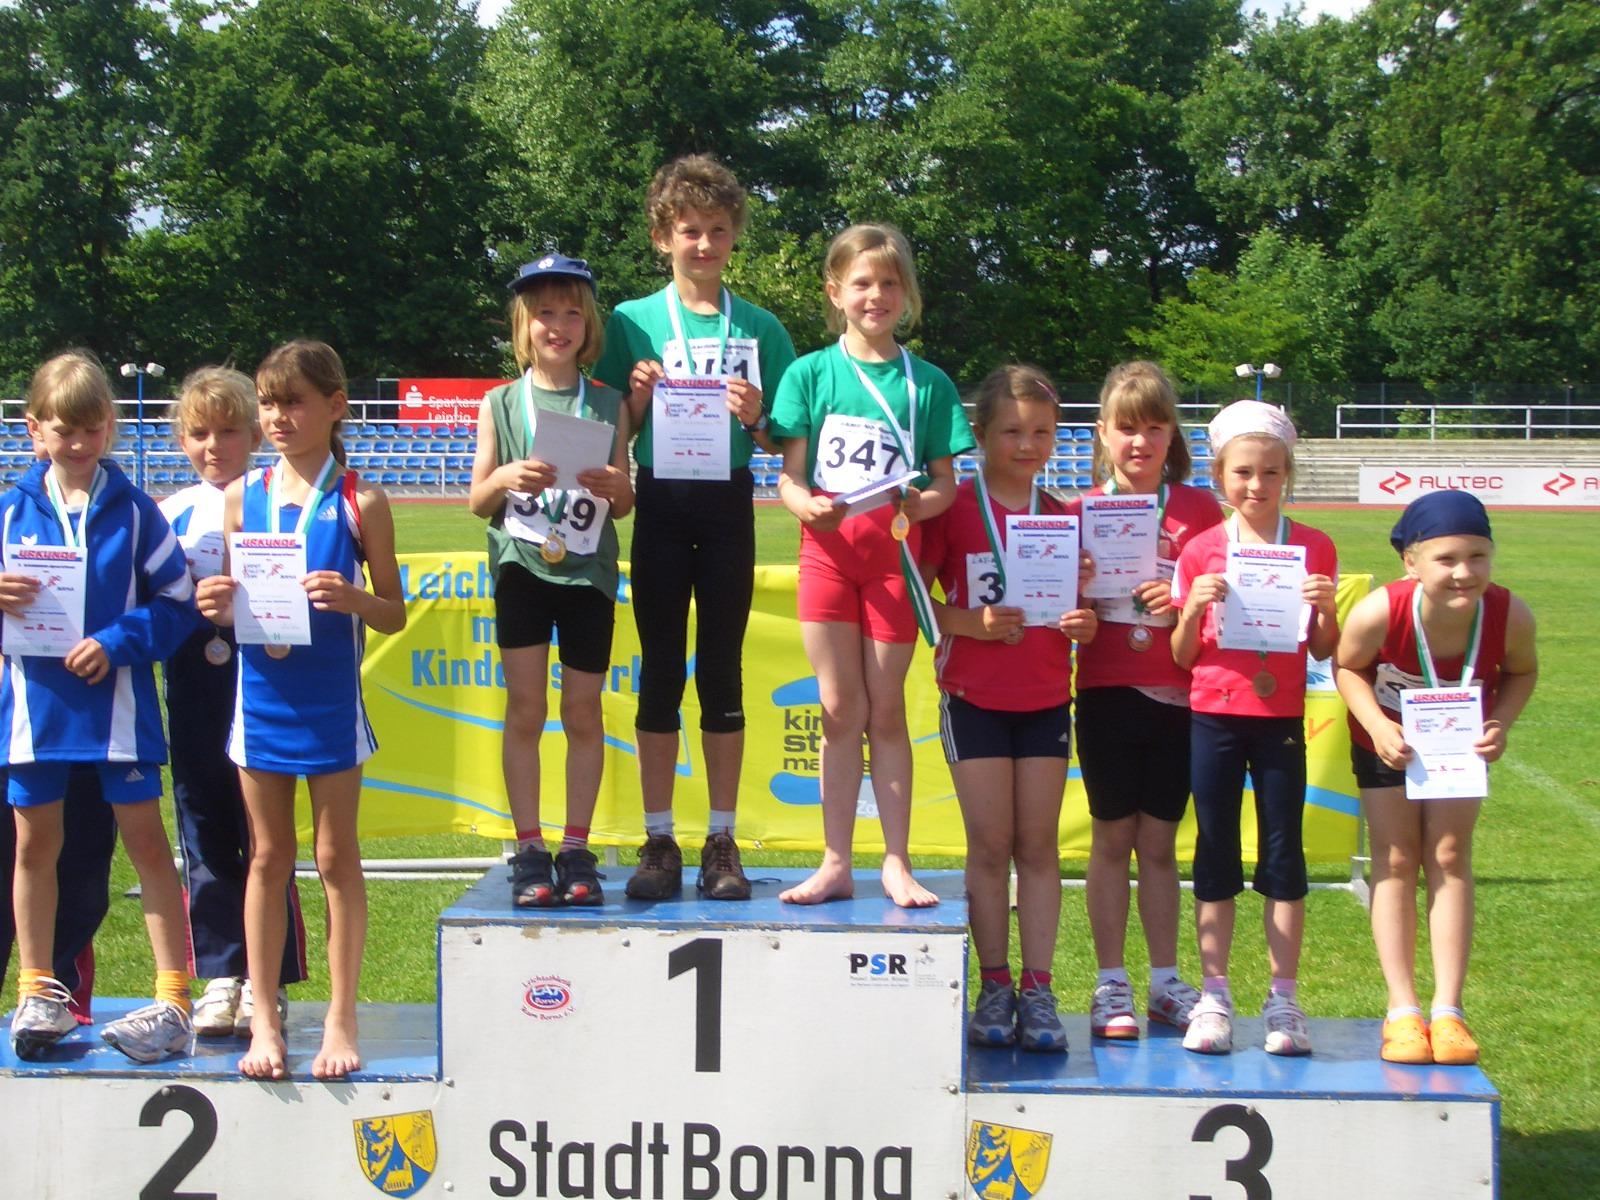 1. Platz für die Mädchen-Staffel von der TSG Markkleeberg in der Altersklasse unter 8 Jahre bei den Bambiniwettkämpfen in Borna ( Quelle: TSG Markkleeberg von 1903 e.V.)